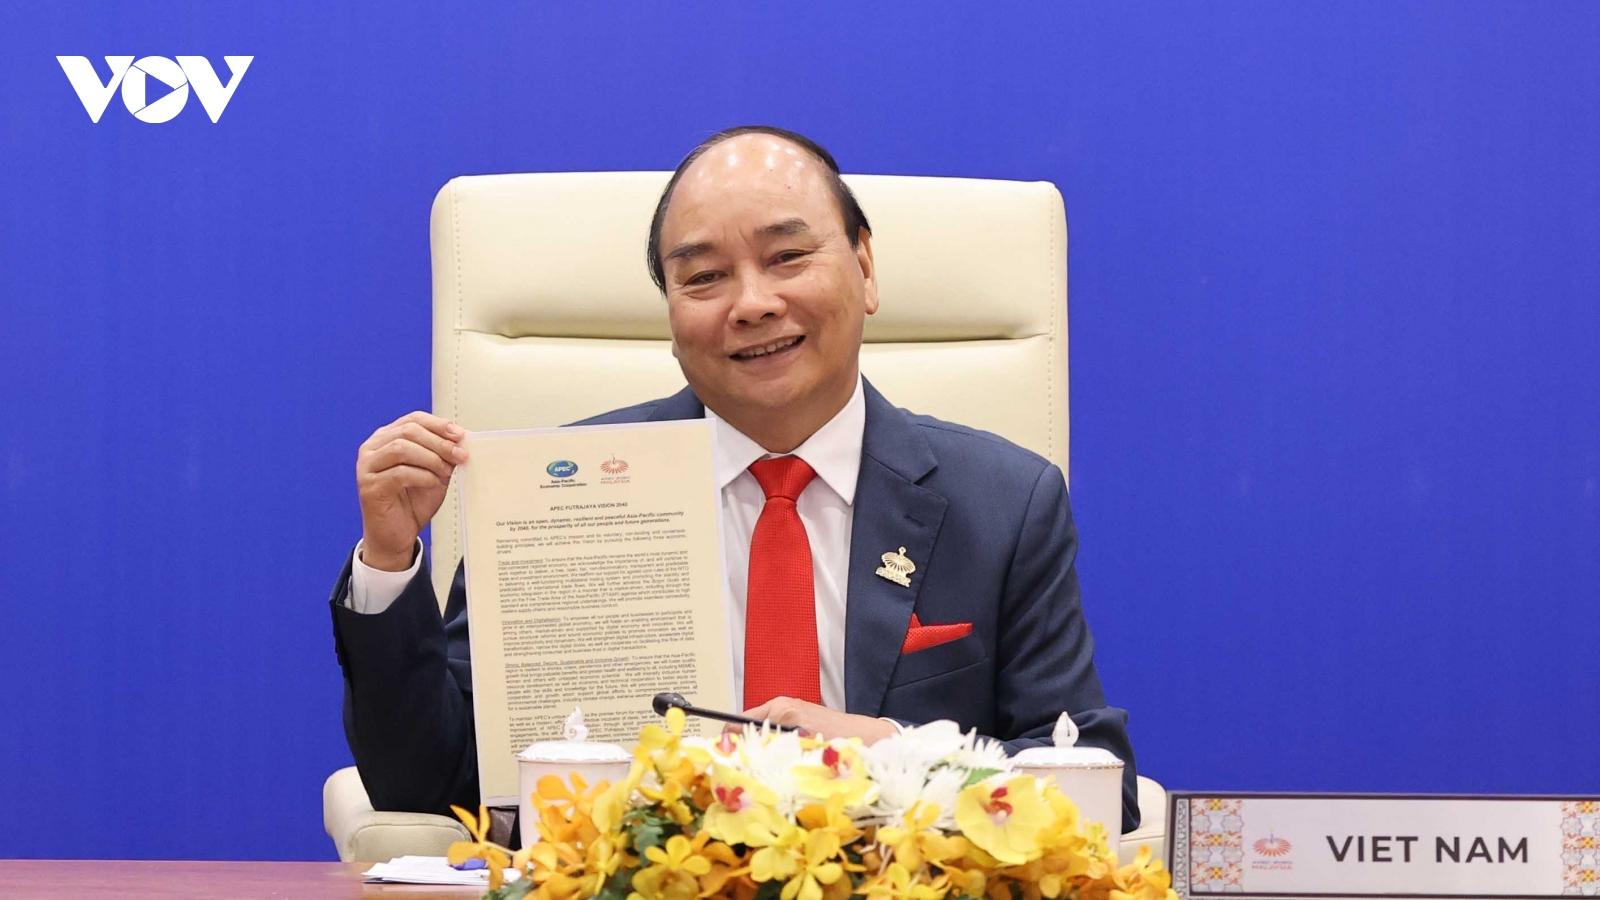 Thủ tướng đưa ra đề xuất có ý nghĩa chiến lược thúc đẩy hợp tác APEC